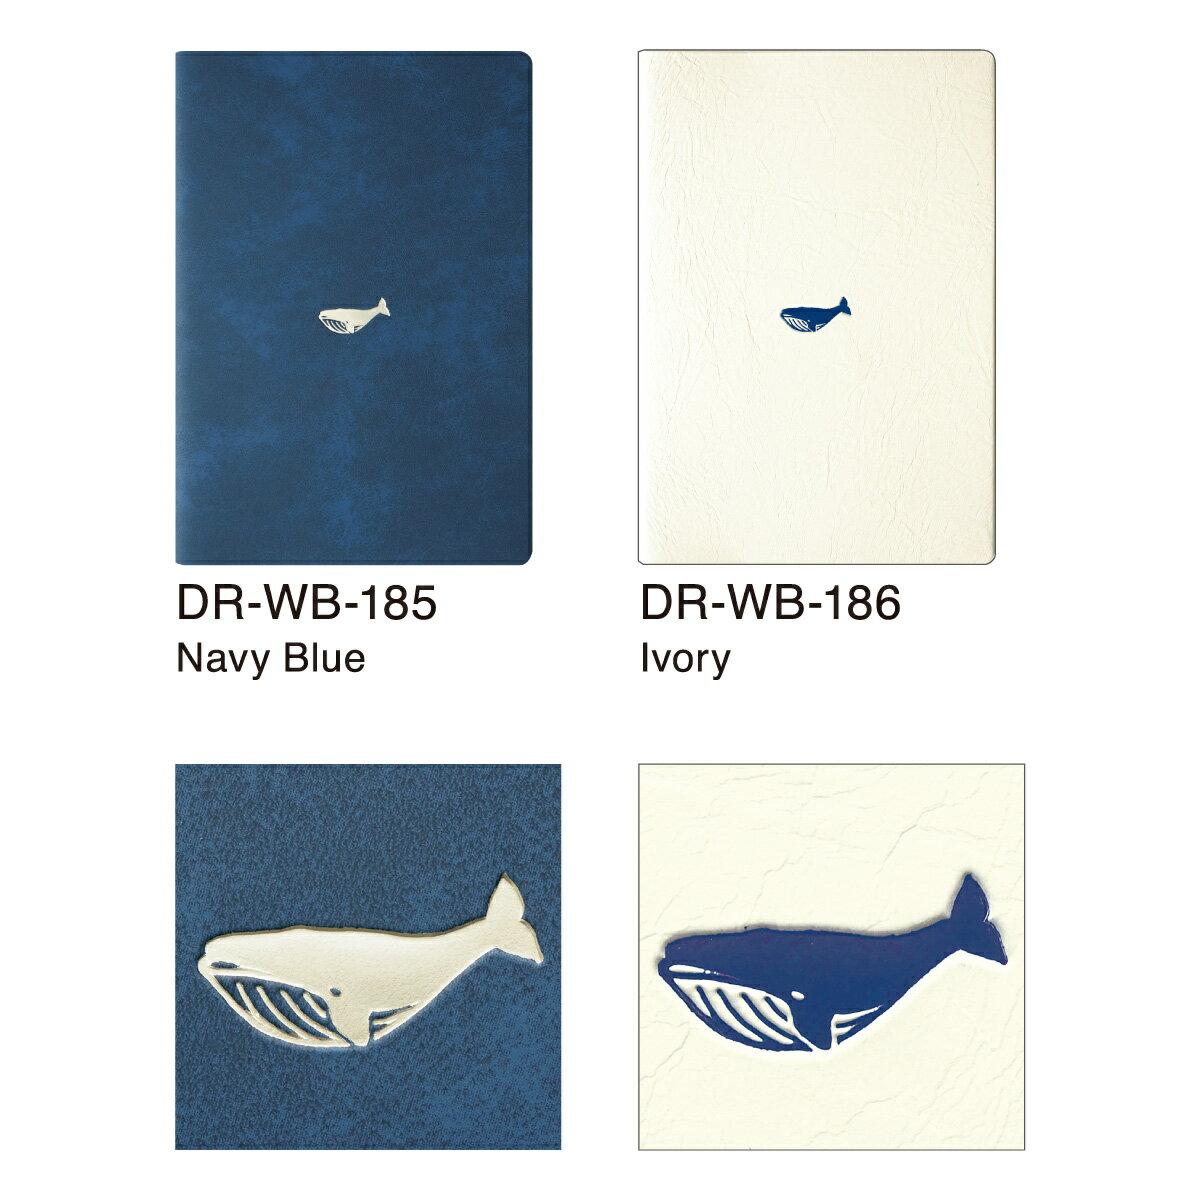 MATOKAマトカ2021年版(2020年10月始まり)手帳/ダイアリー・B6サイズ(ウィークリー・レフト式)『ワンポイントクジラ/POINTWHALE』スケジュール帳【ELCOMMUN:エルコミューン】